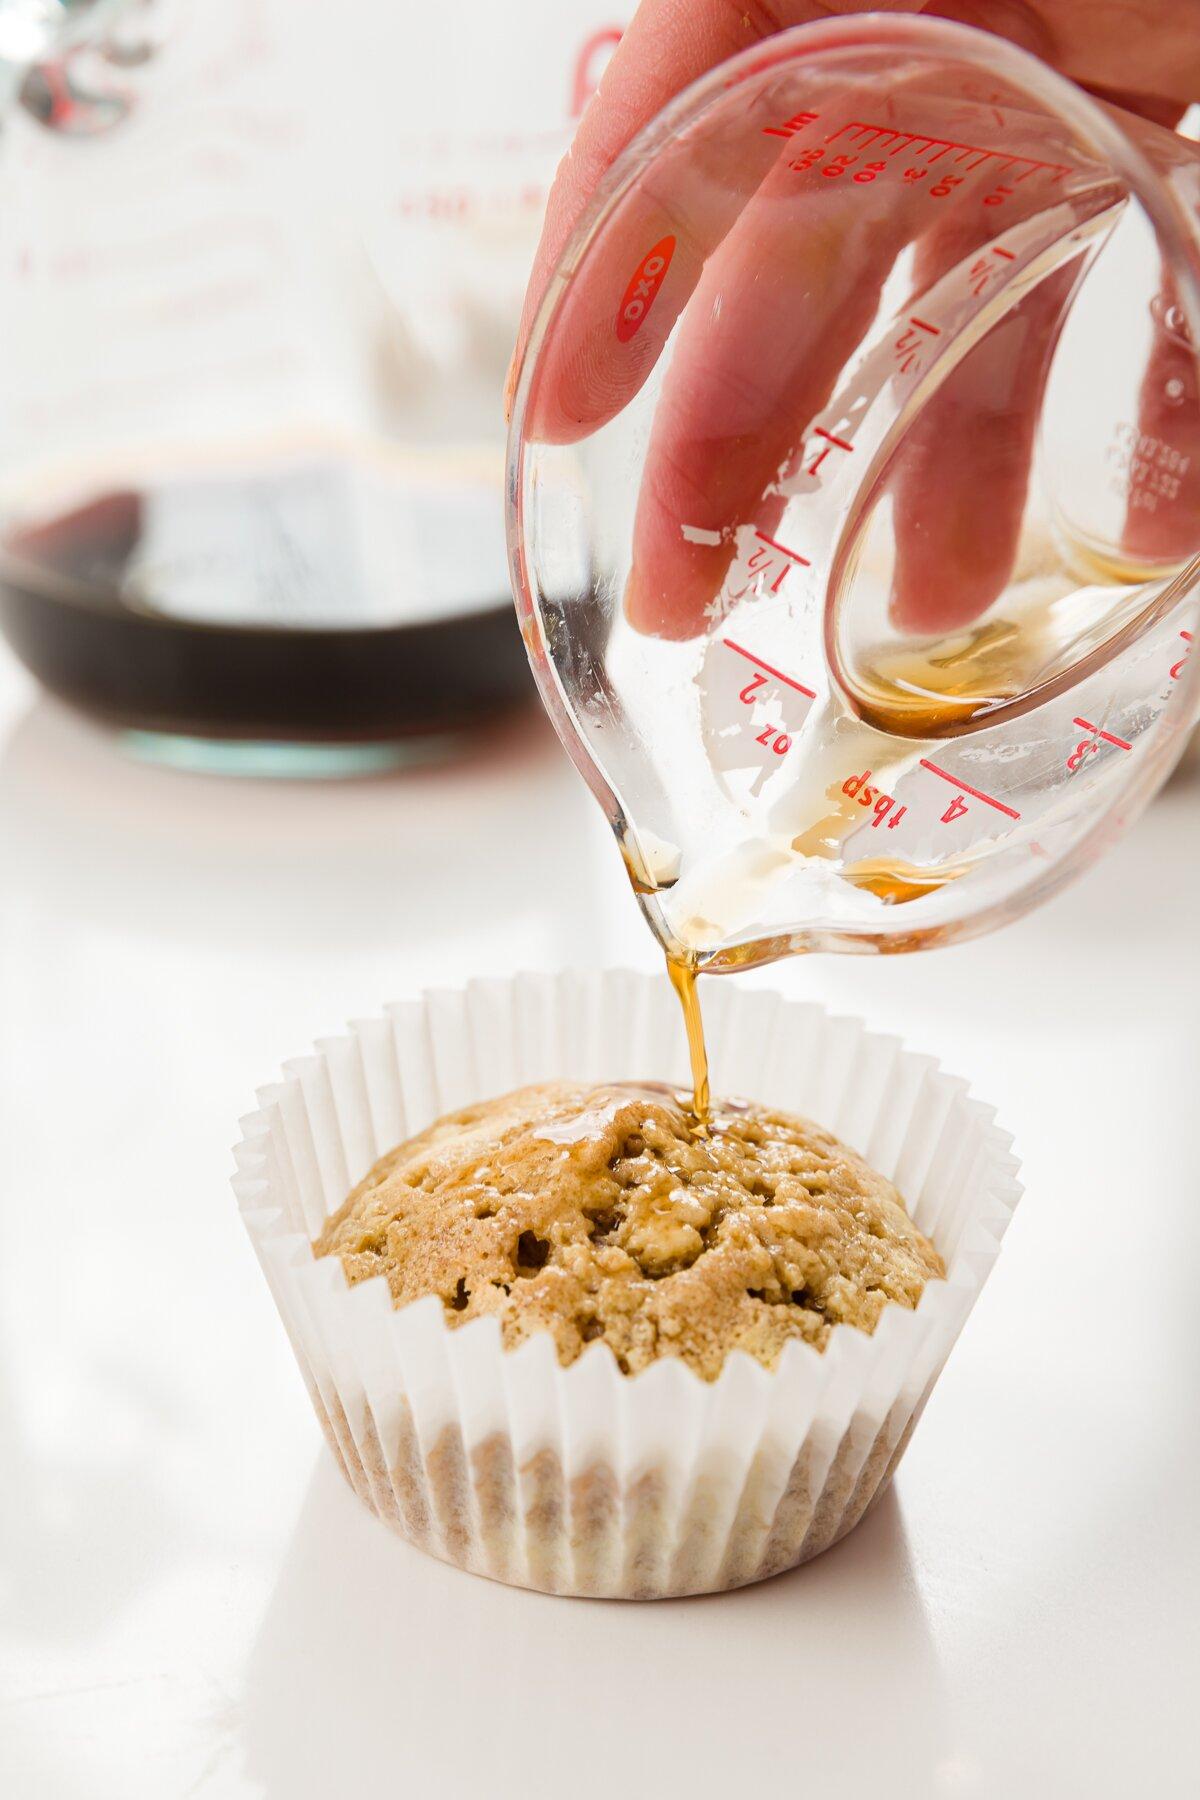 Tiro ajustado de Stef vertiendo una mezcla de café y ron en un cupcake de tiramisú